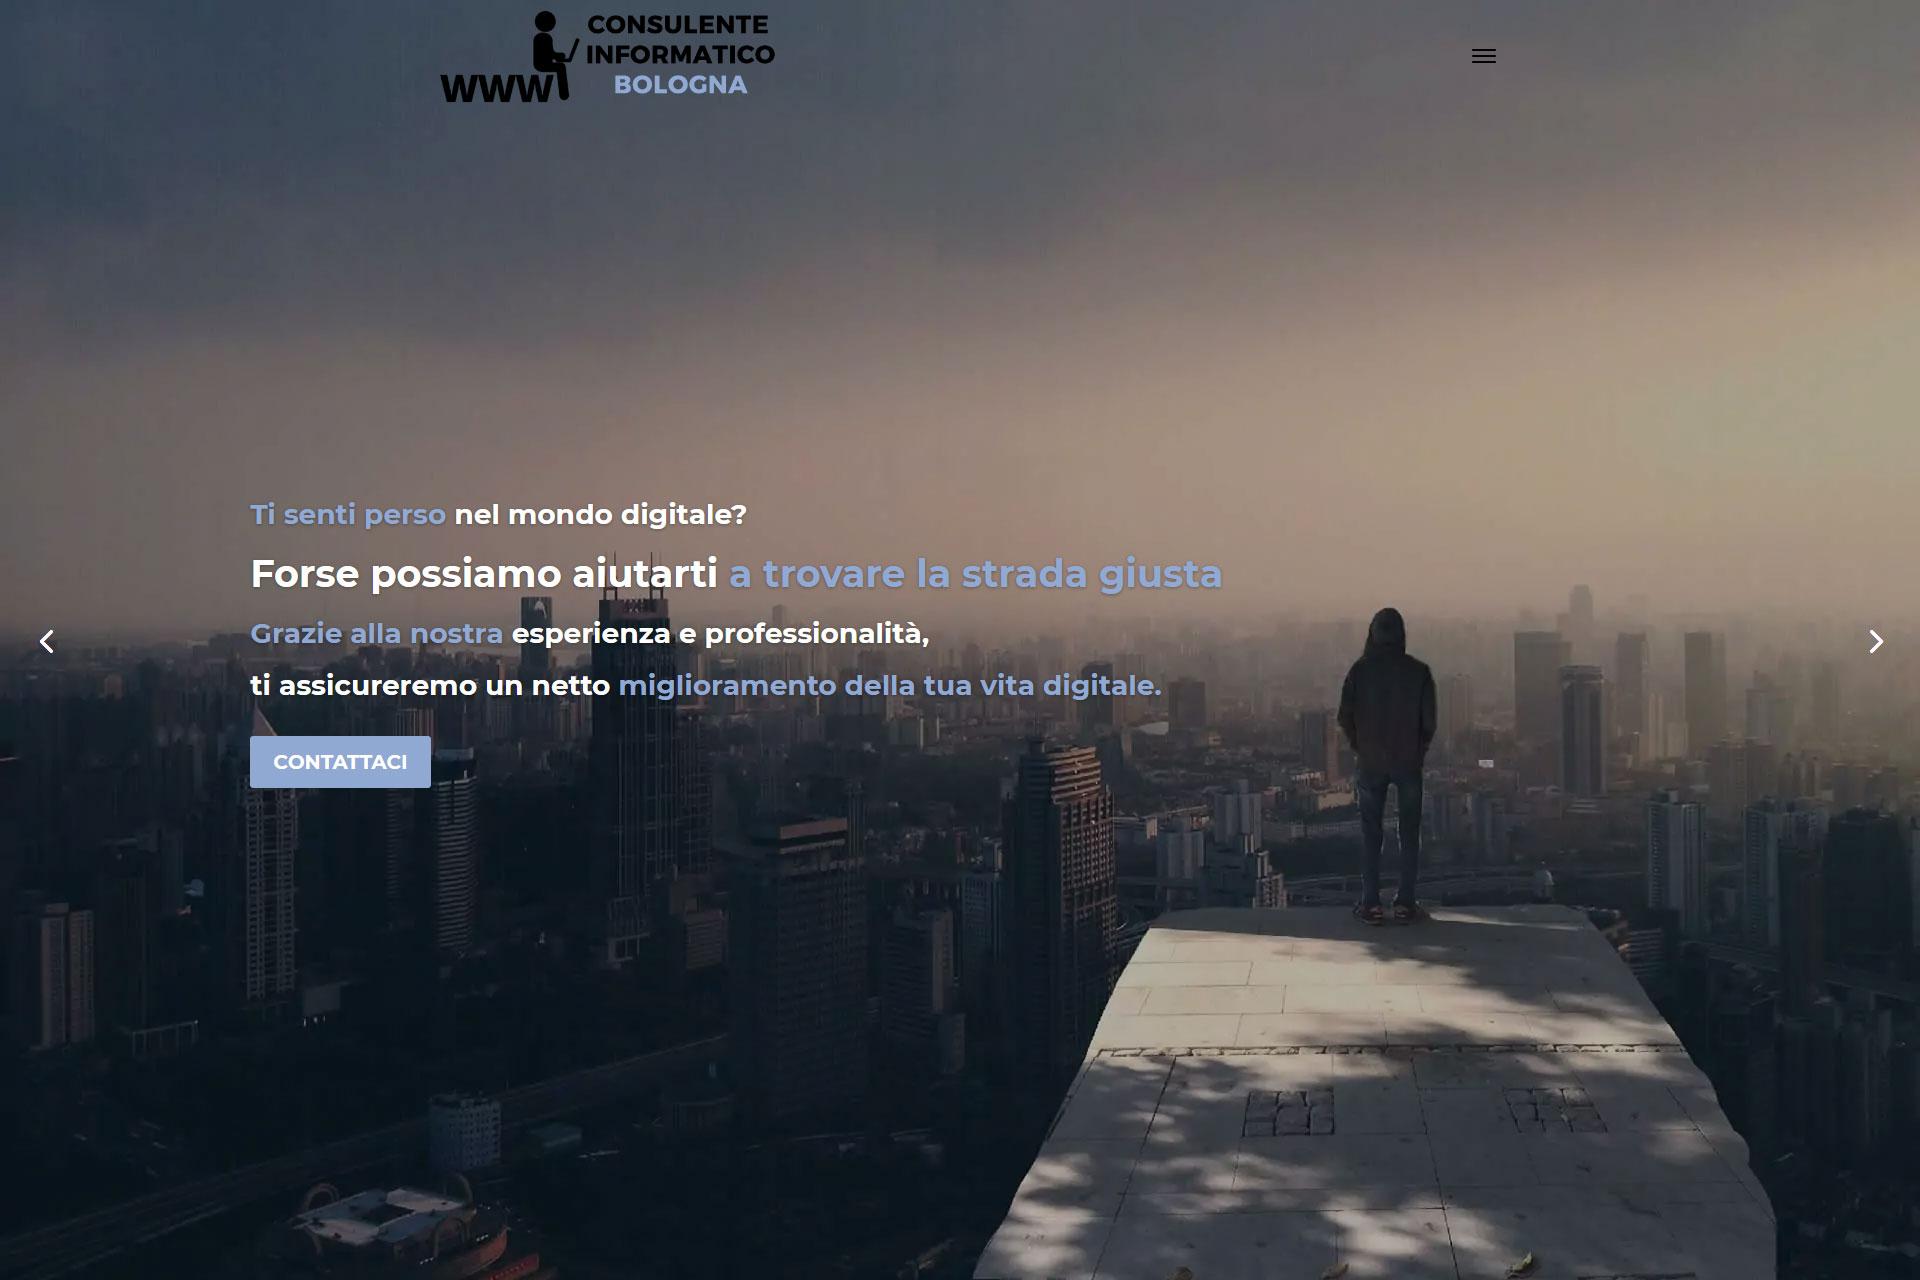 lv-design-realizzazione-siti-web-bologna-portfolio-consulente-informatico-bologna-slide-1